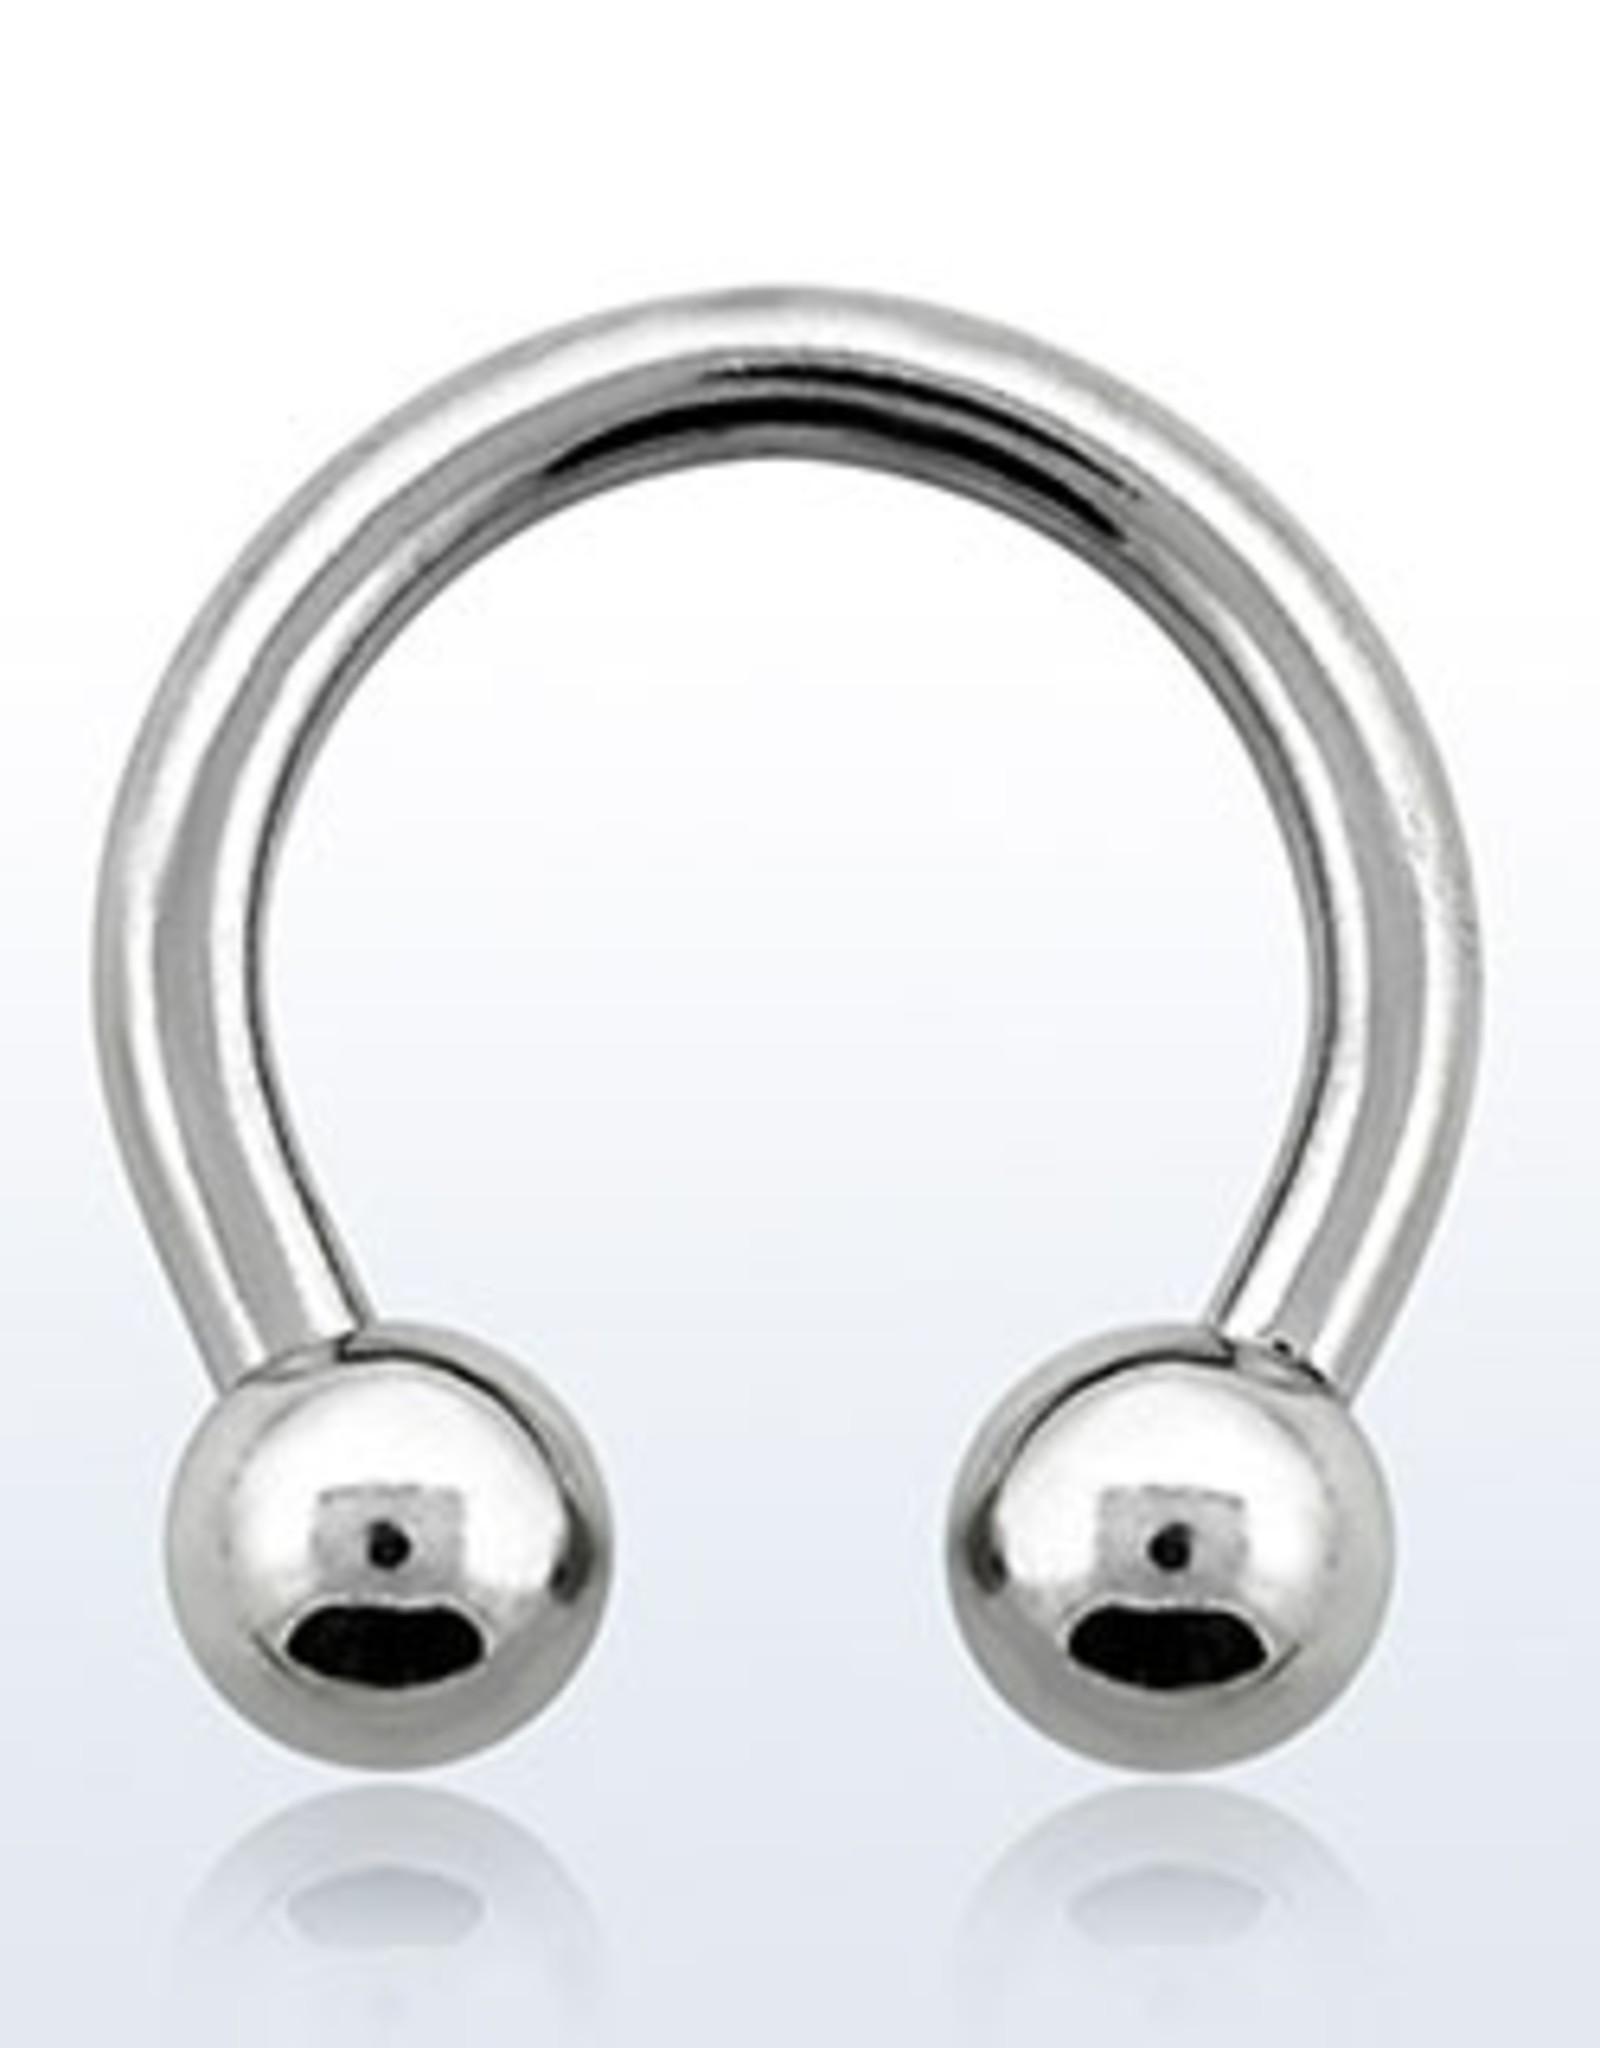 Circular barbell, 12g, 5mm balls, 1/2''; external threading